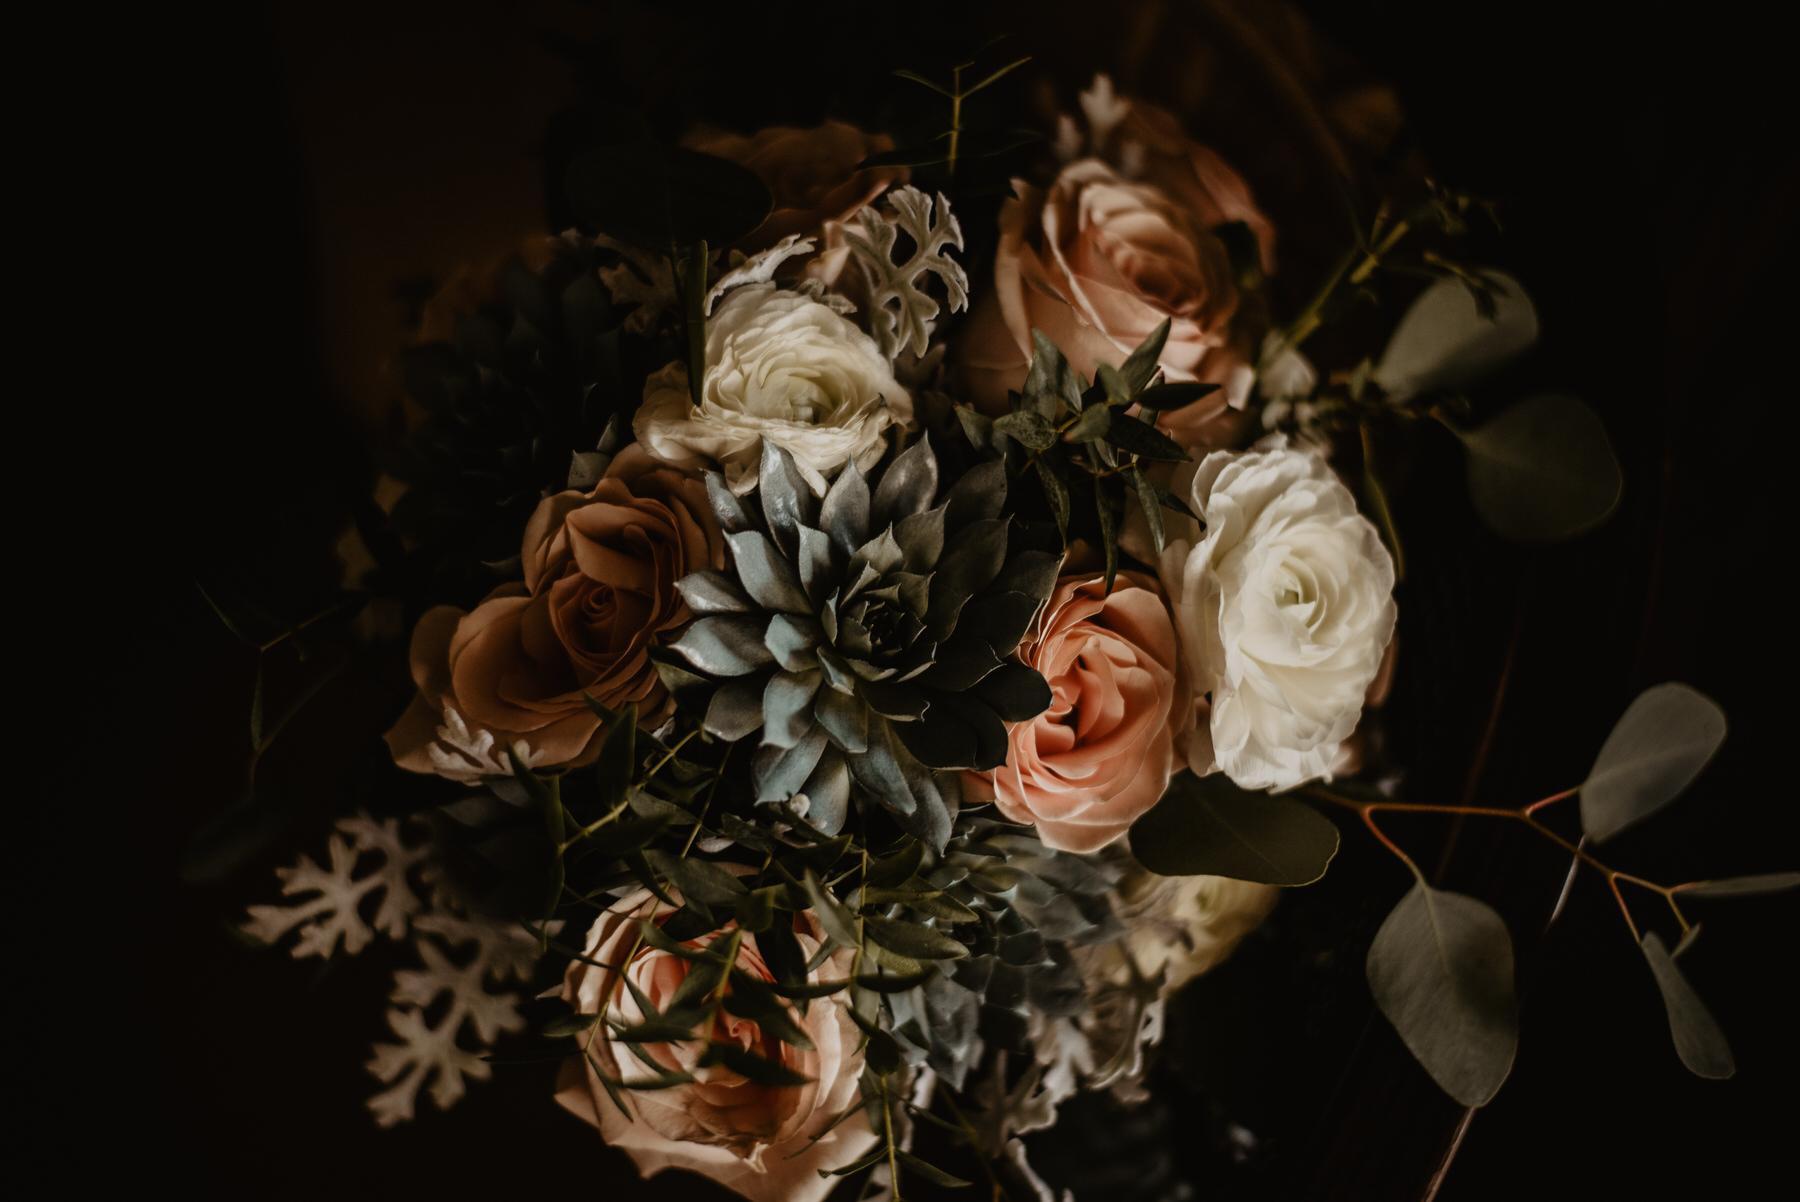 Kaylie-Sirek-Photography-Kearney-Nebraska-Wedding-031.jpg